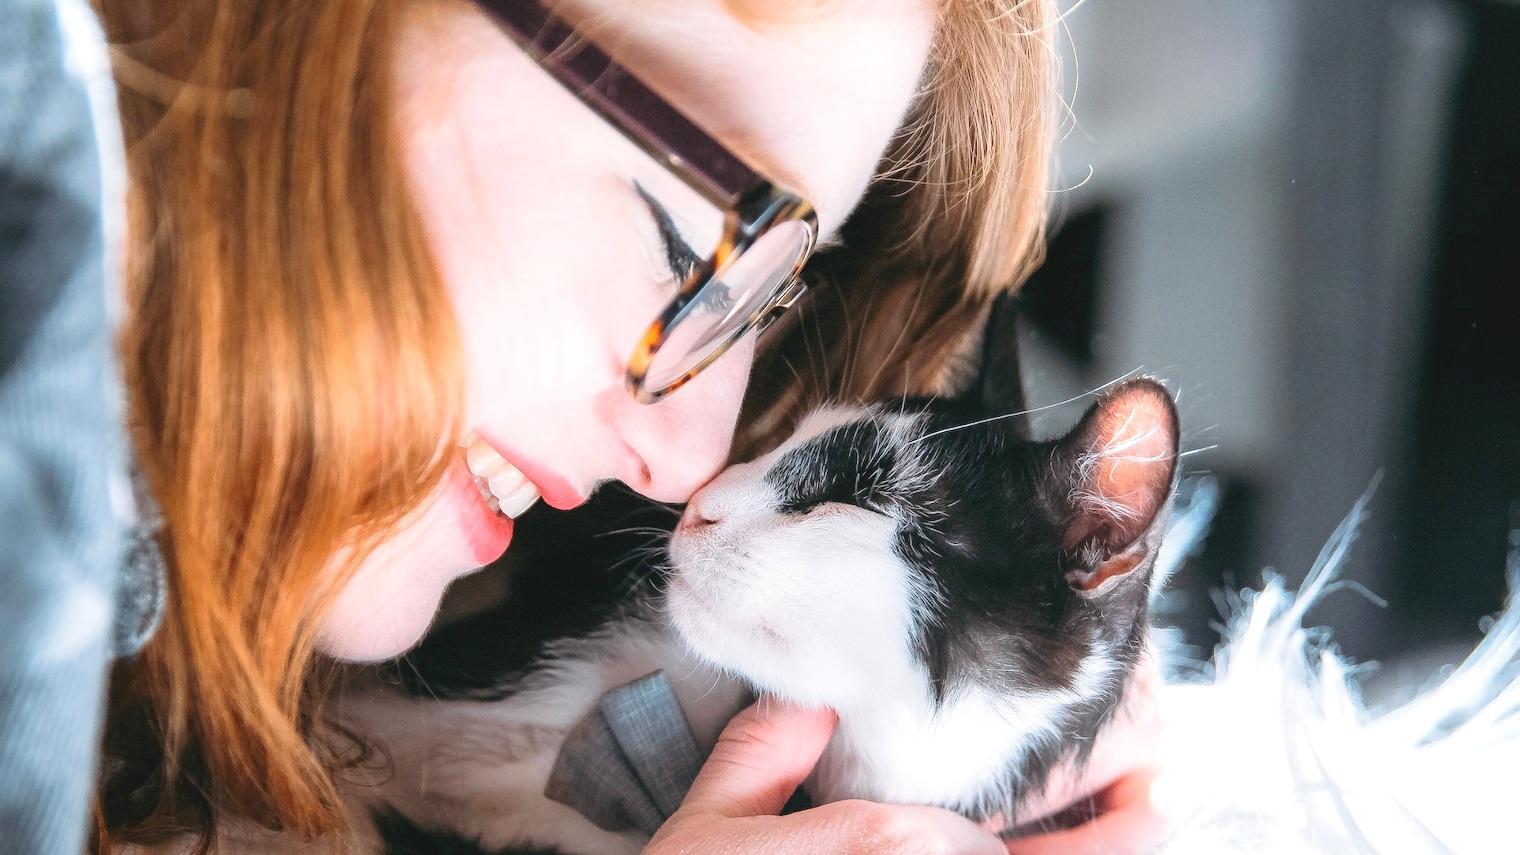 Our partner's adoption fees:$180 for one kitten$335 for two kittens - 100% of adoption fees go to our partner rescue.